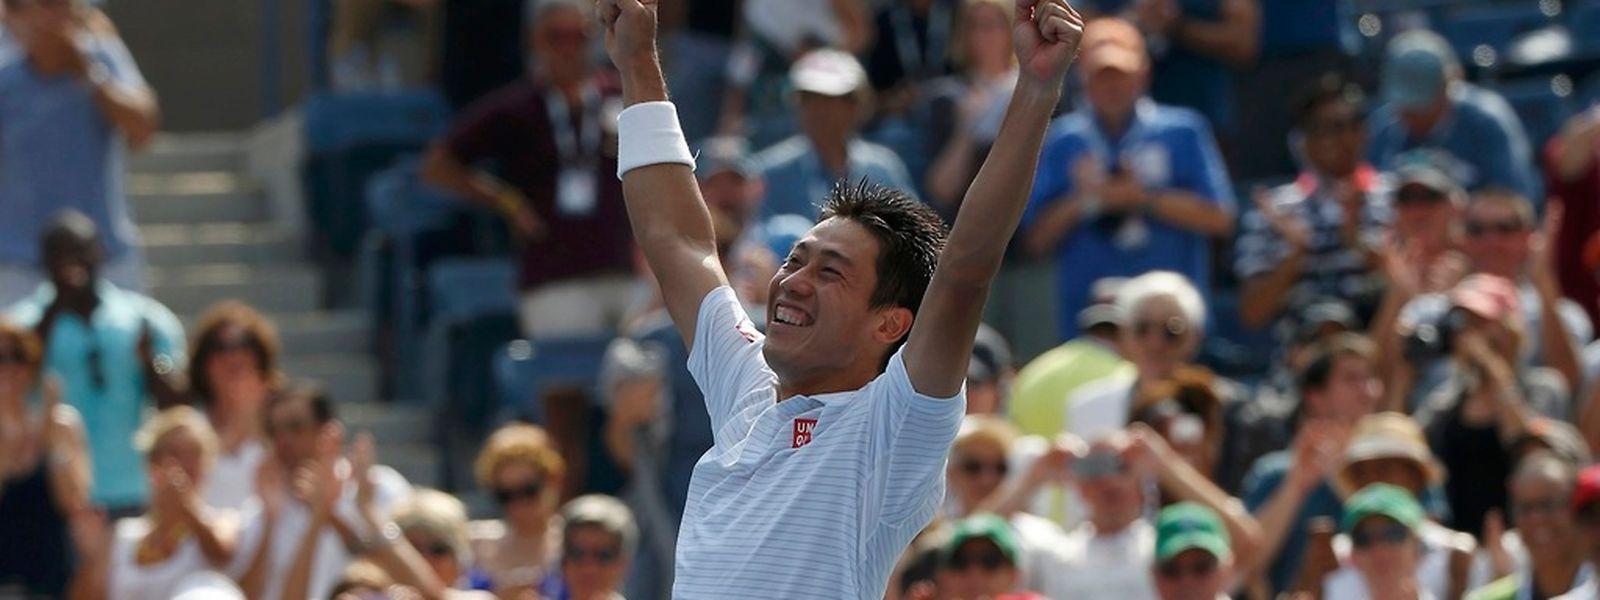 Peu de monde misait sur Kei Nishikori avant l'US Open. Le Japonais va pourtant disputer la finale lundi soir.